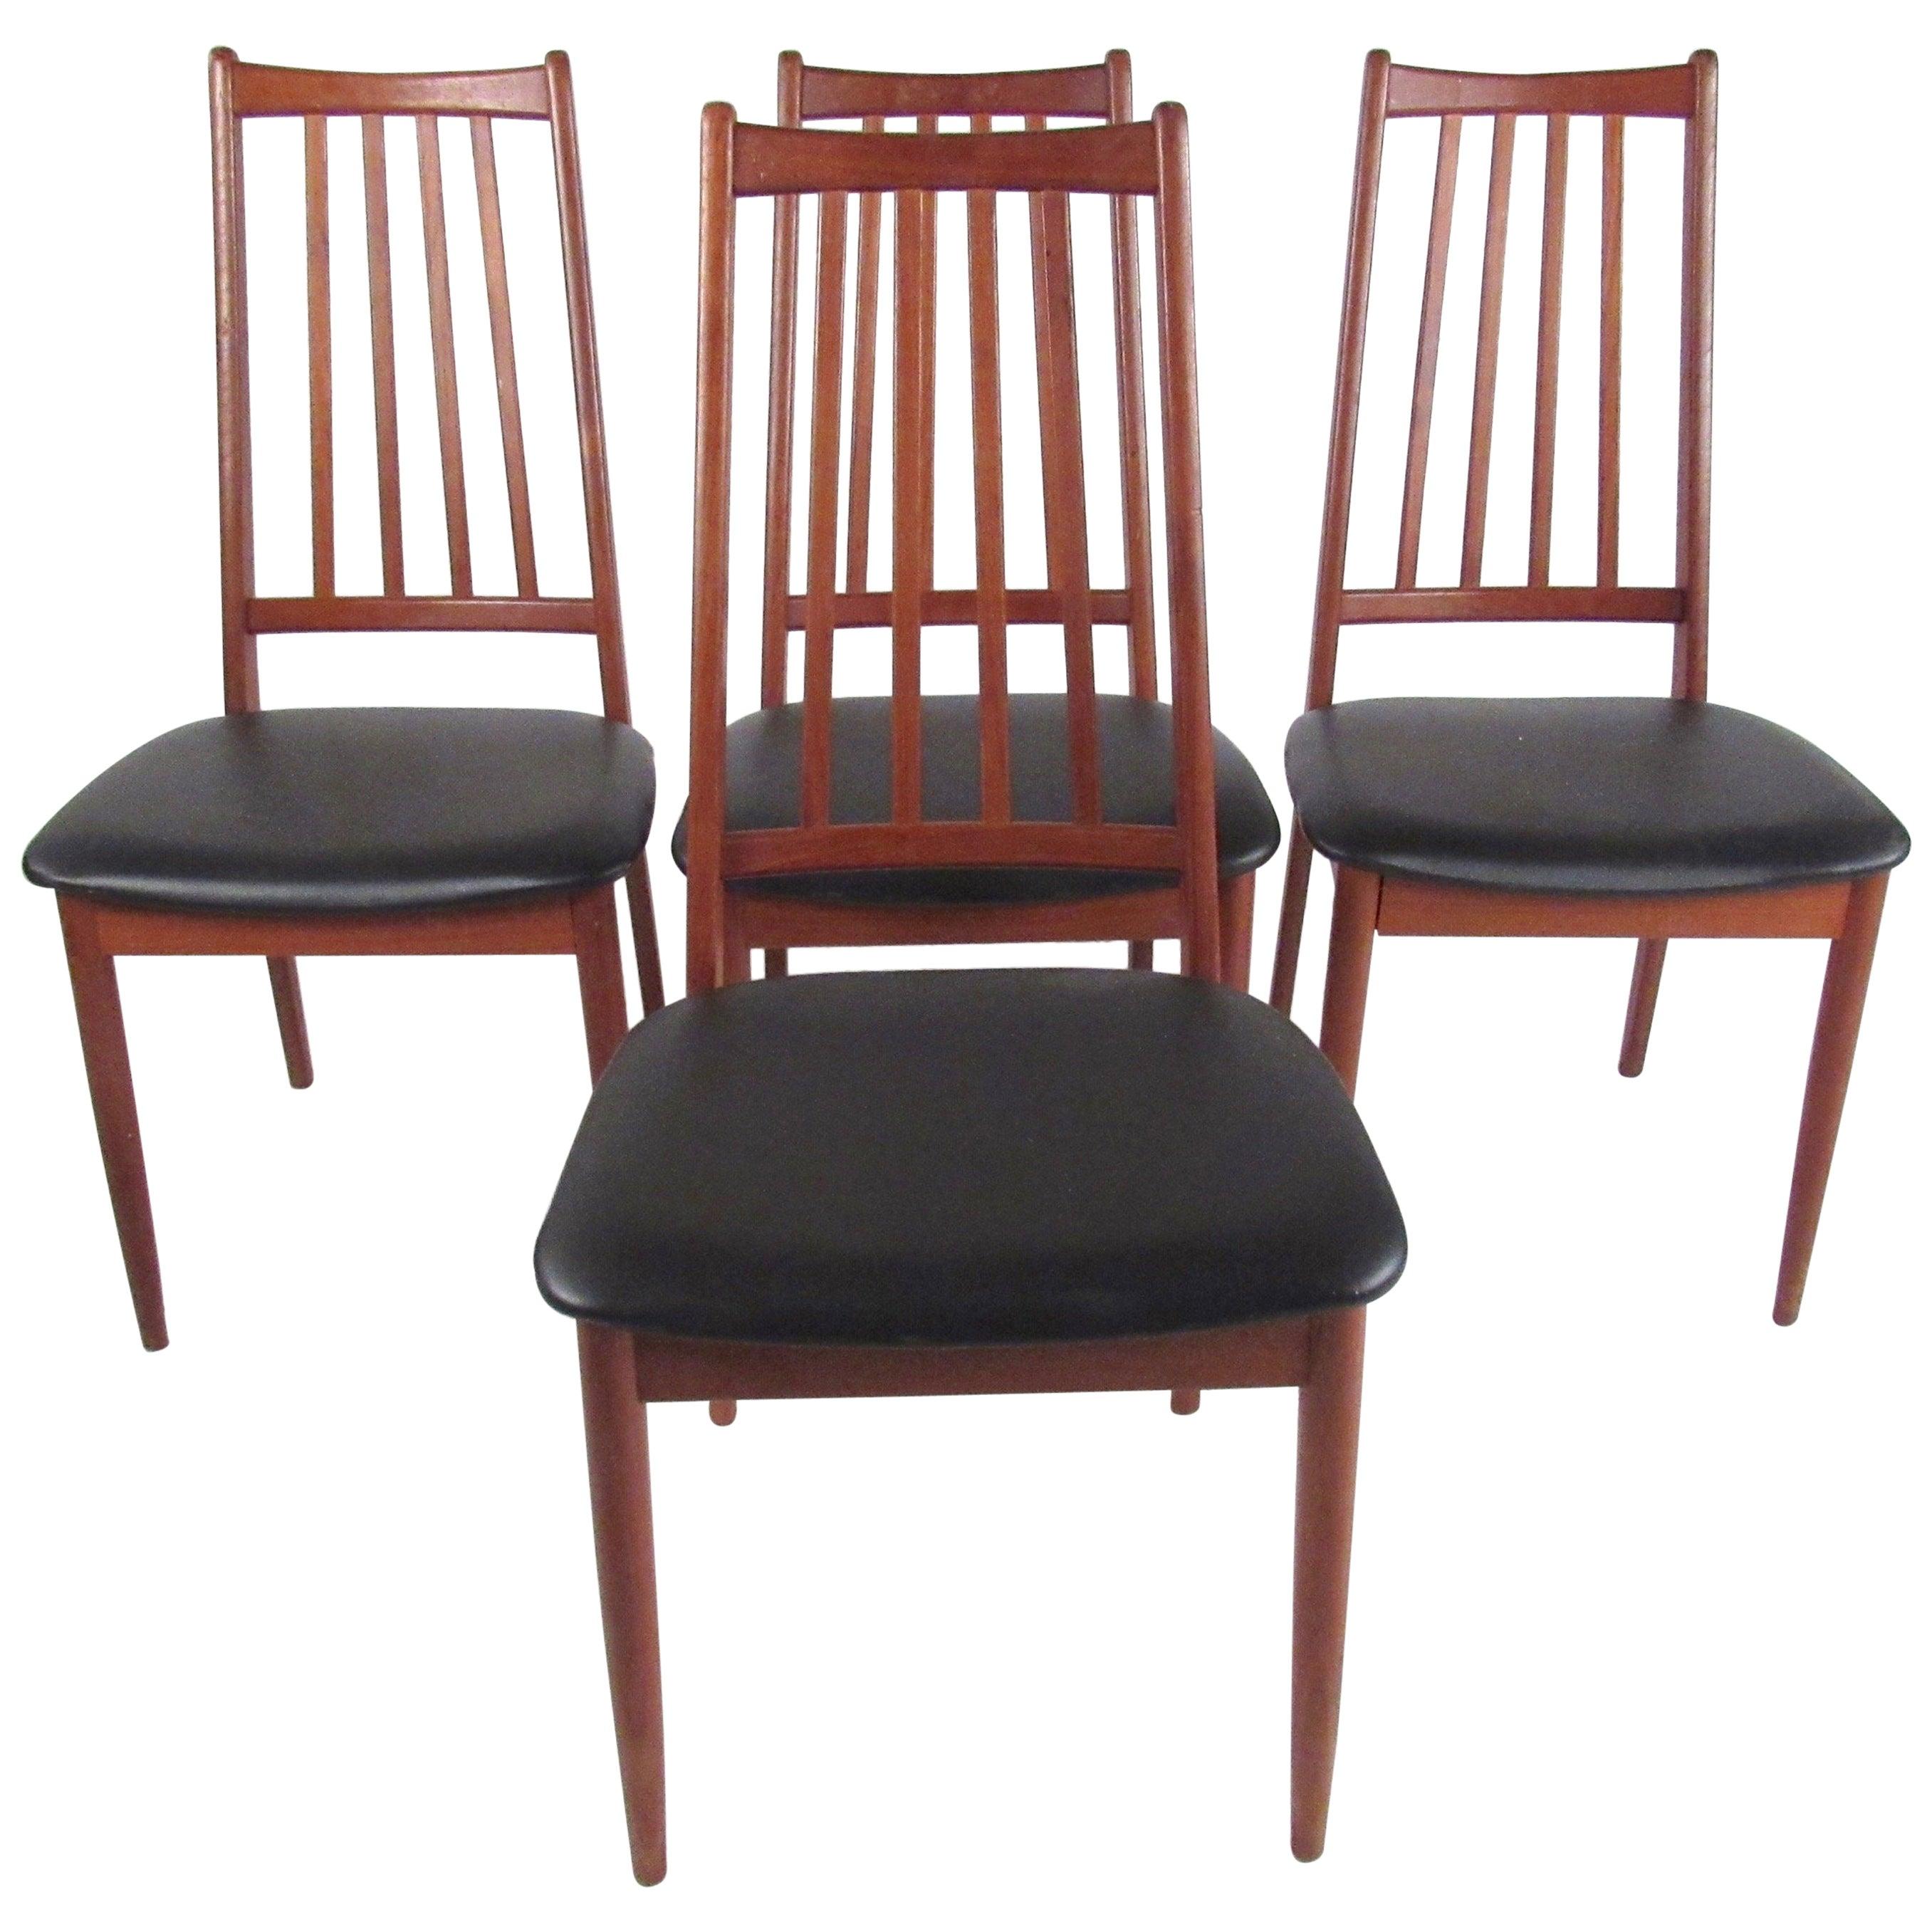 Set of Scandinavian Modern Teak Dining Chairs